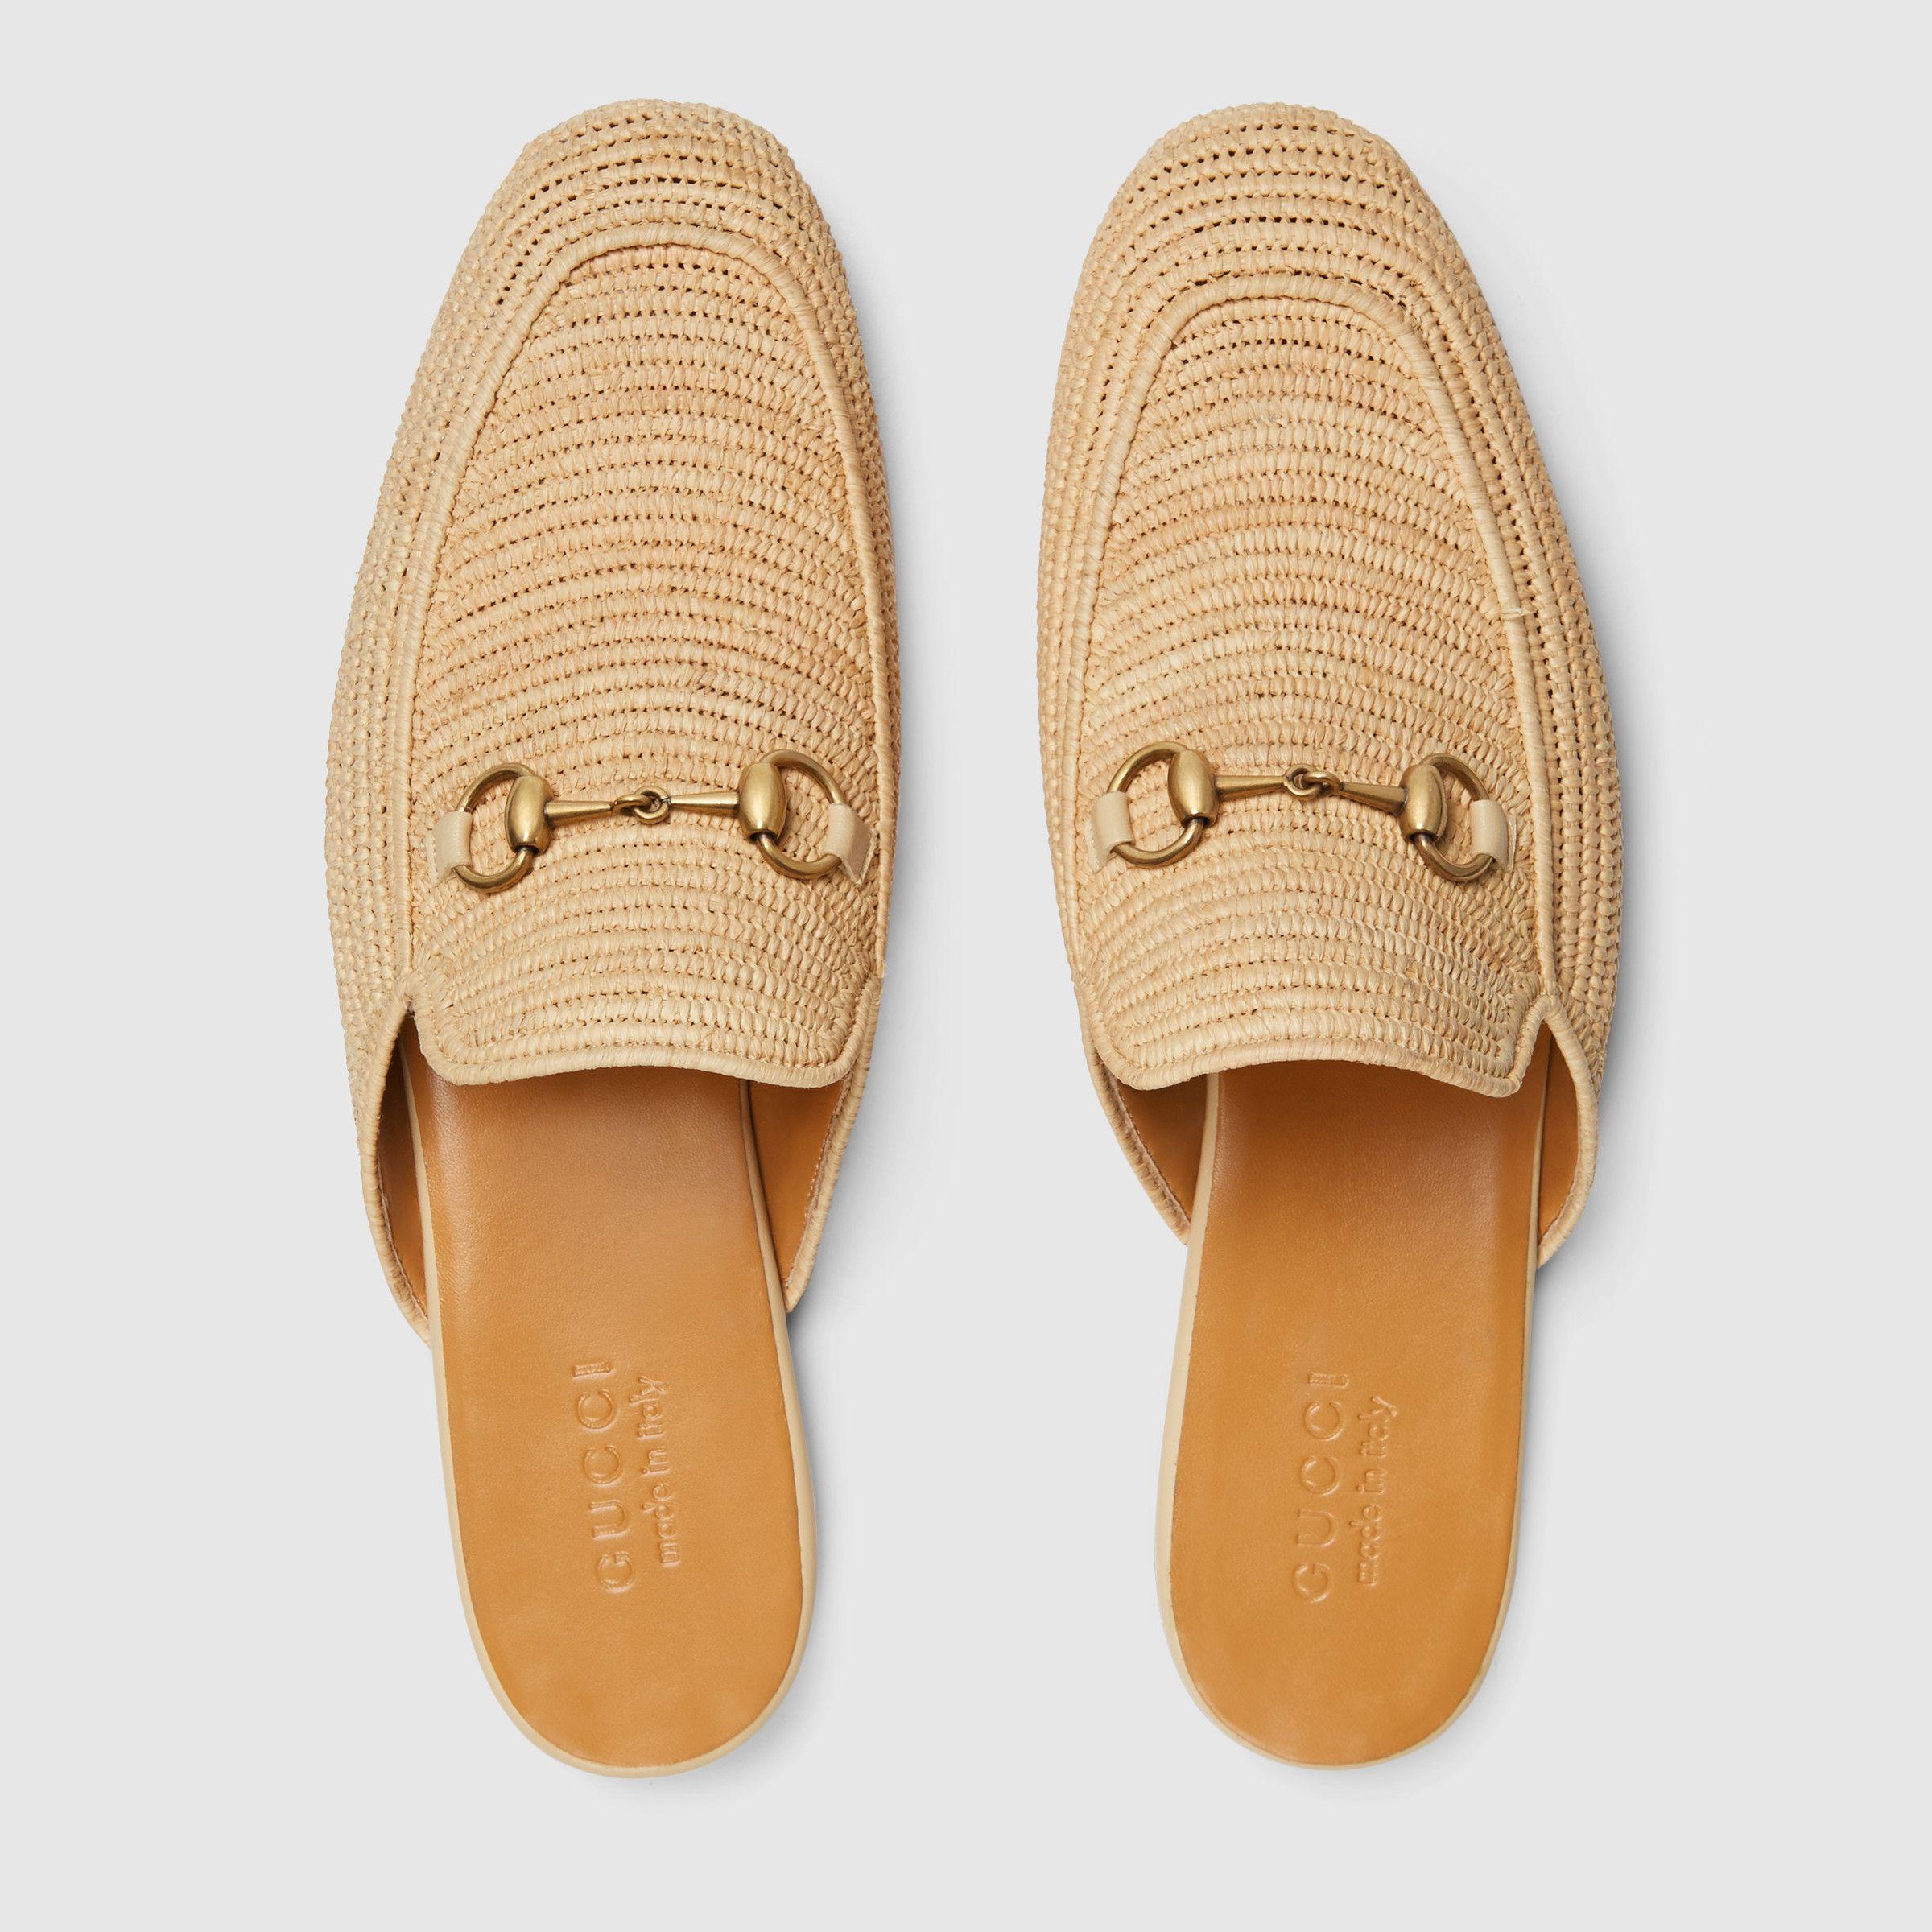 eca179f2b Gucci Raffia Princetown Slippers in Natural Raffia | Mens Shoes ...